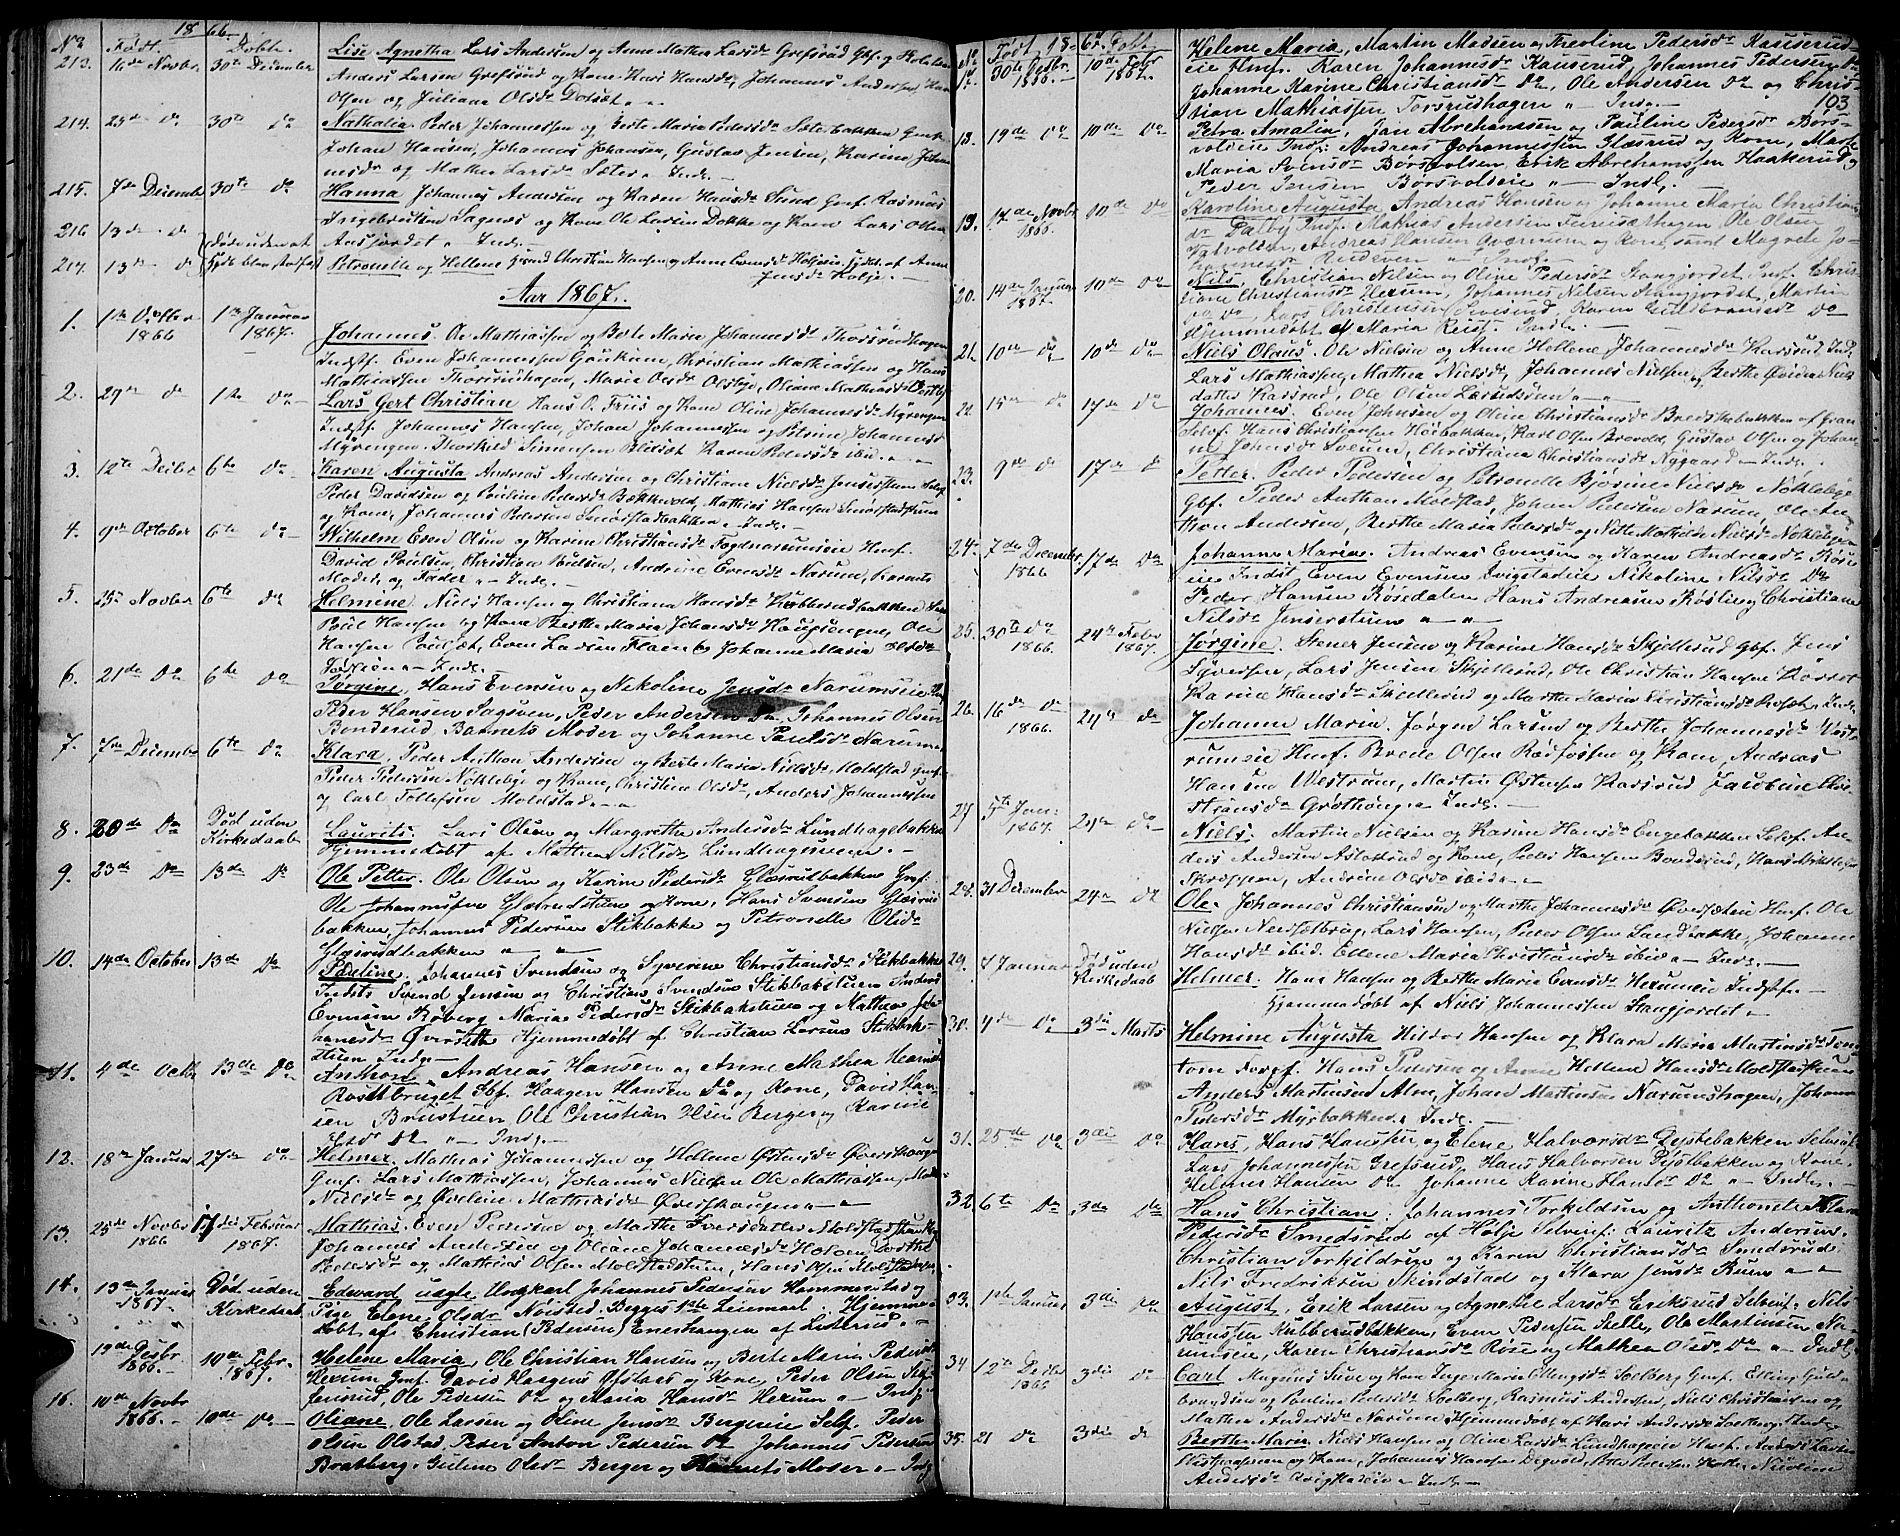 SAH, Vestre Toten prestekontor, H/Ha/Hab/L0005: Klokkerbok nr. 5, 1854-1870, s. 103